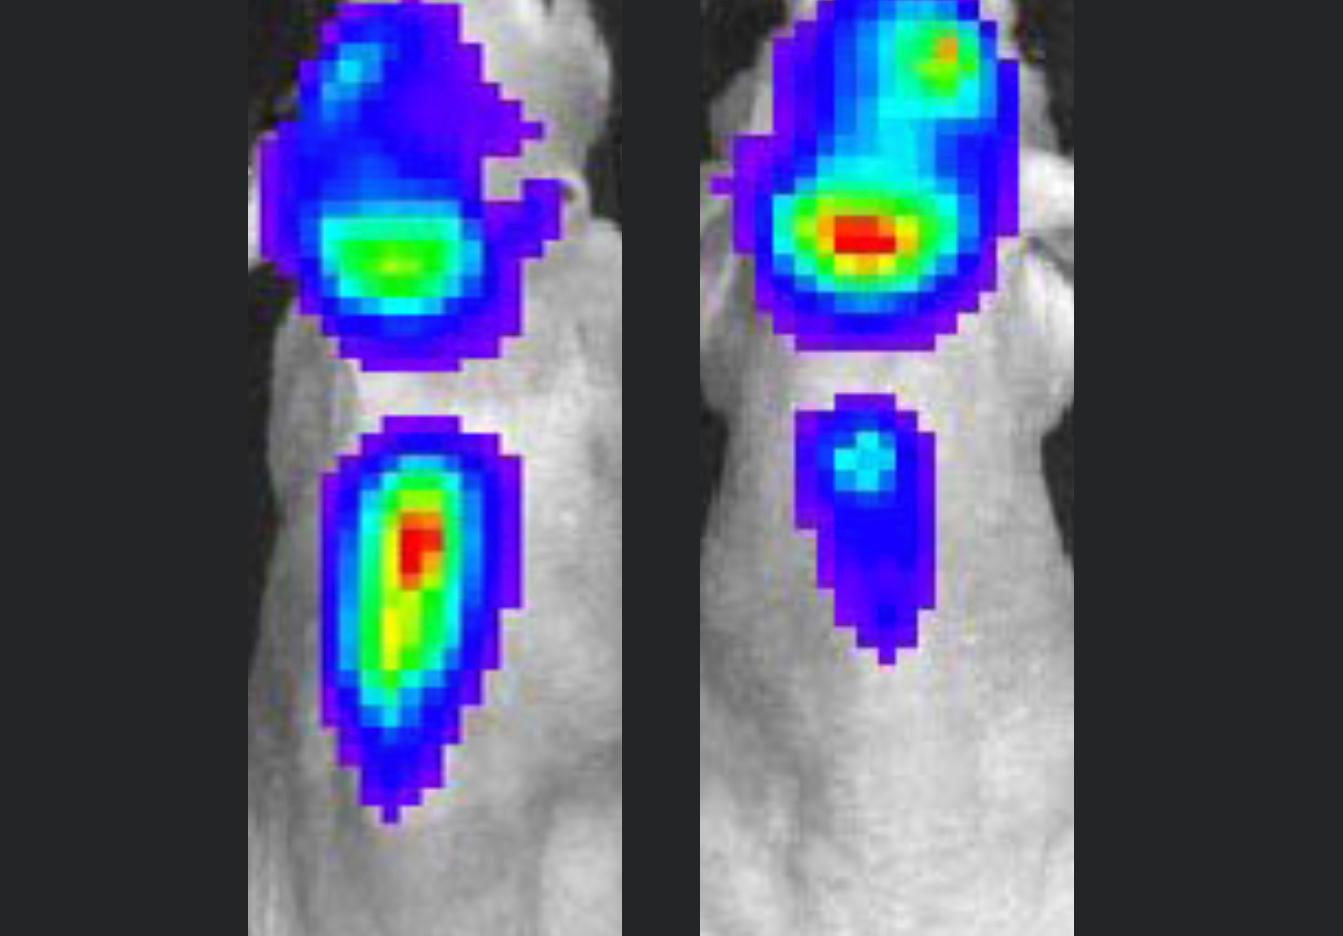 Brain tumour and metastasis